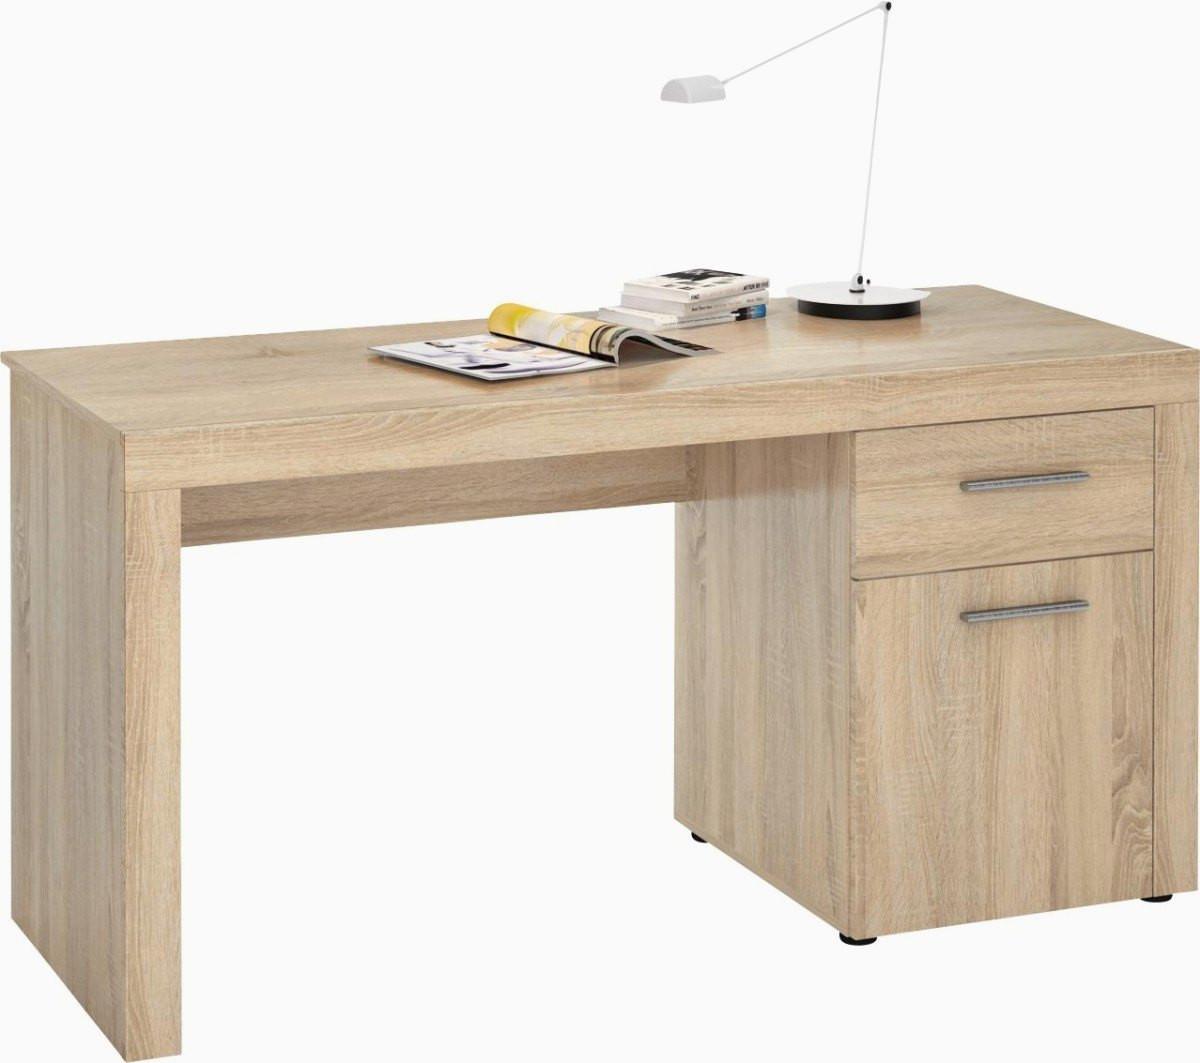 Ikea Höhenverstellbarer Schreibtisch 2021